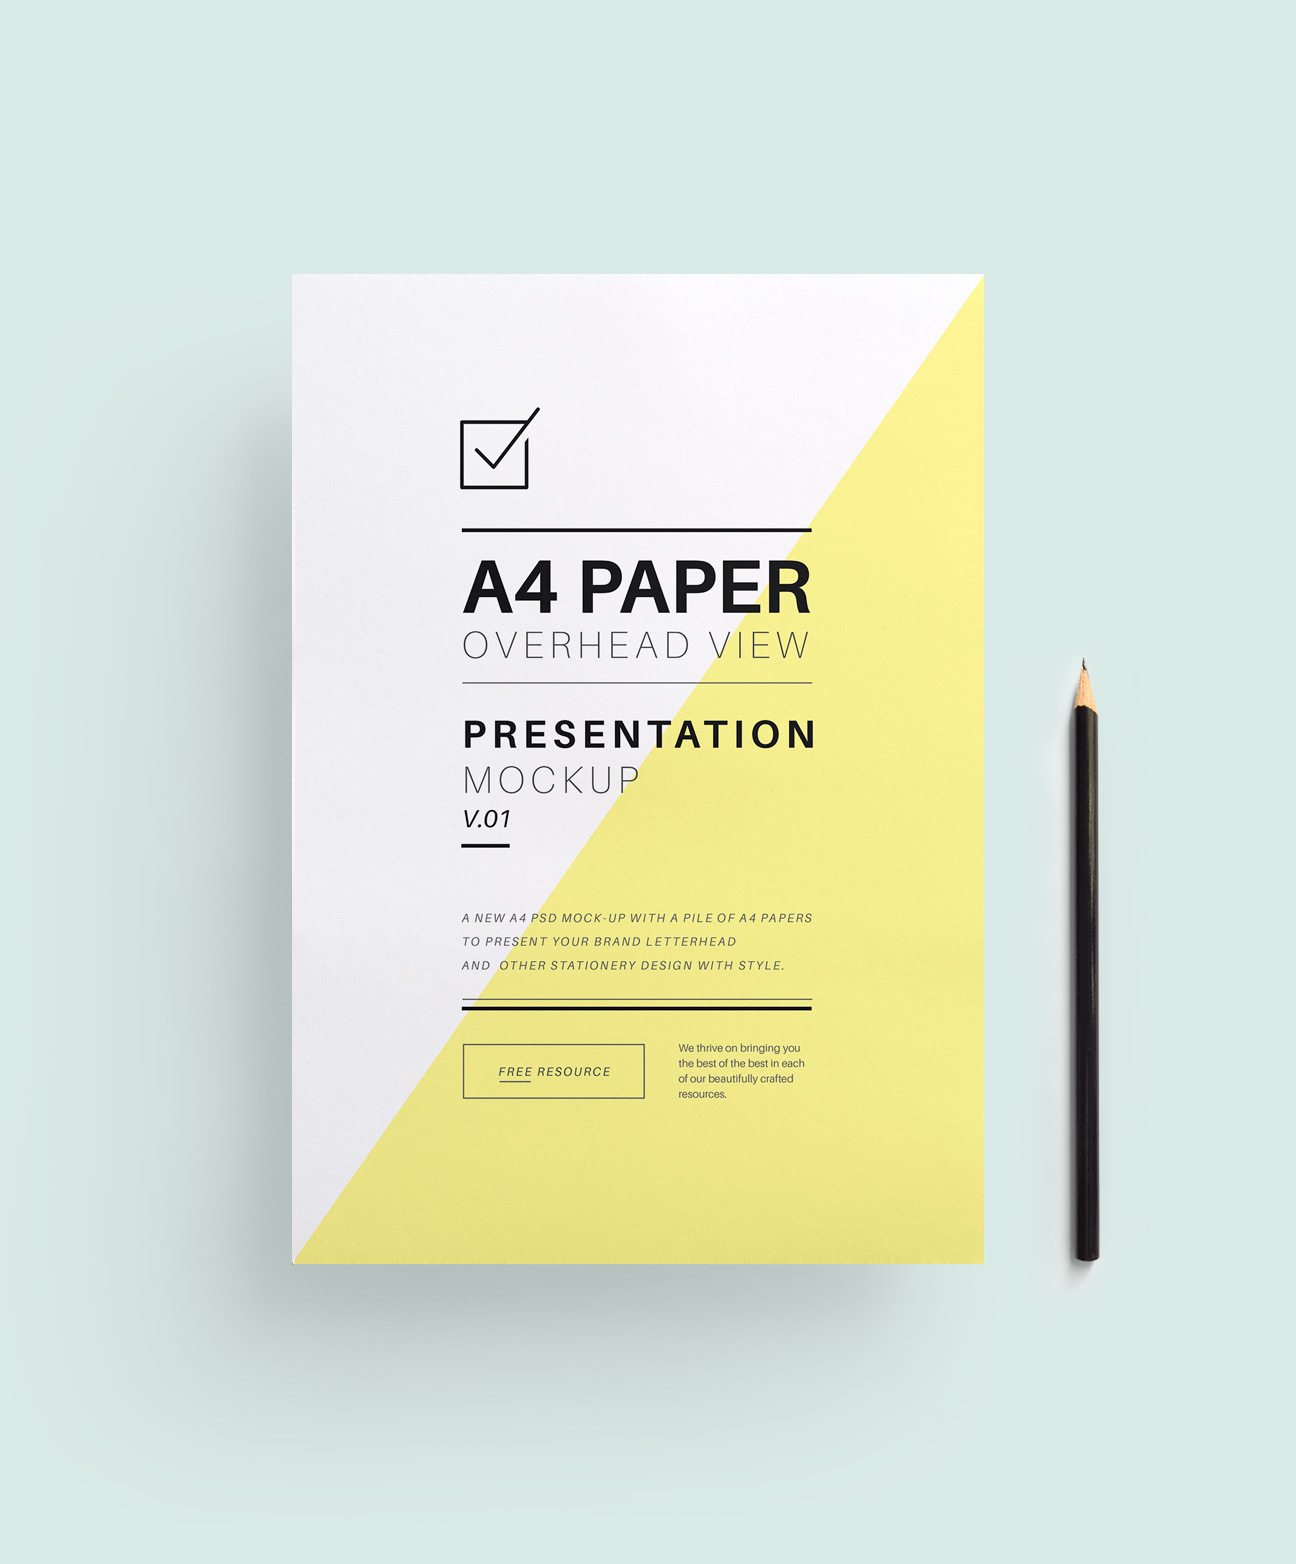 A4 Papper